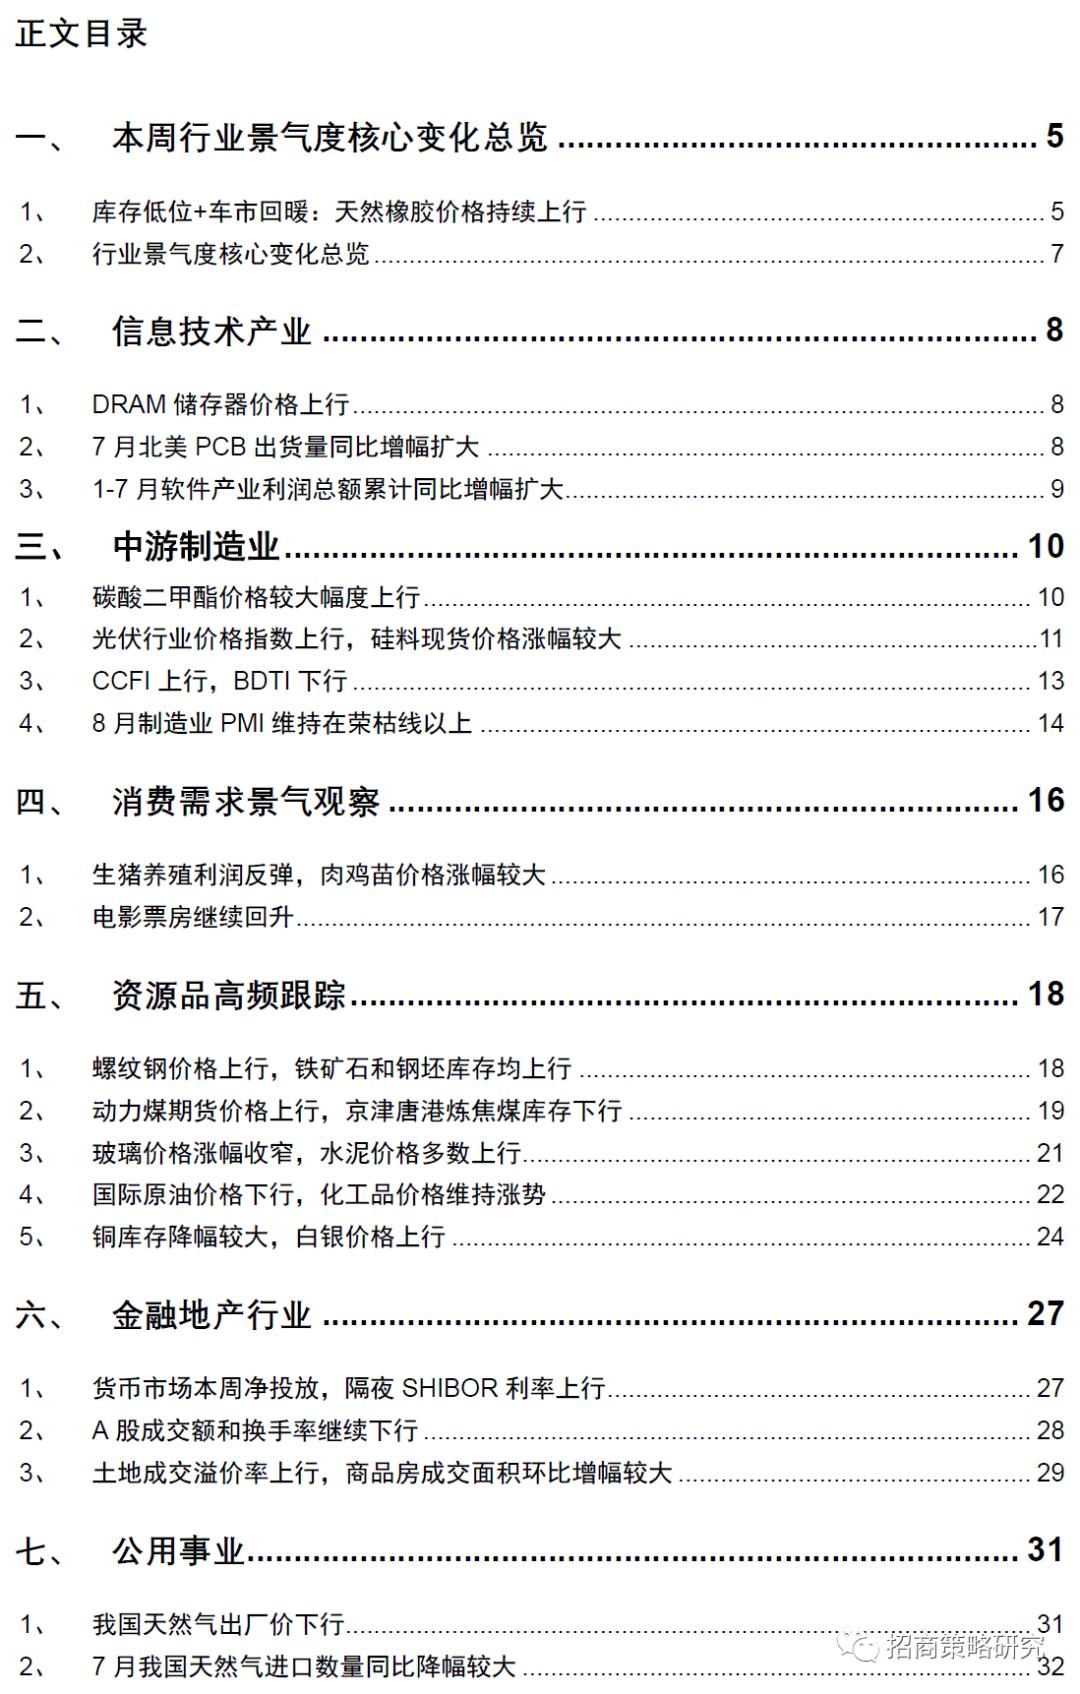 【招商策略】行业景气观察0902——天然橡胶涨价不止,软件产业利润增幅扩大